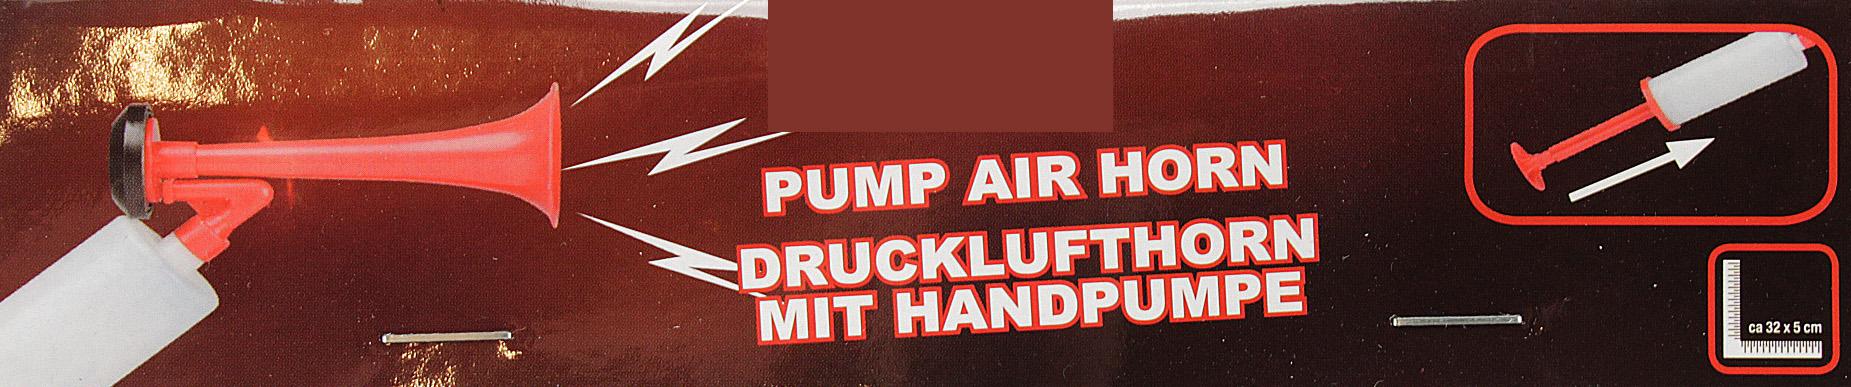 Fanfare Drucklufthorn Fantröte Lufthorn KLEIN rot Signalhorn NEU Signal Horn Musik & Instrumente